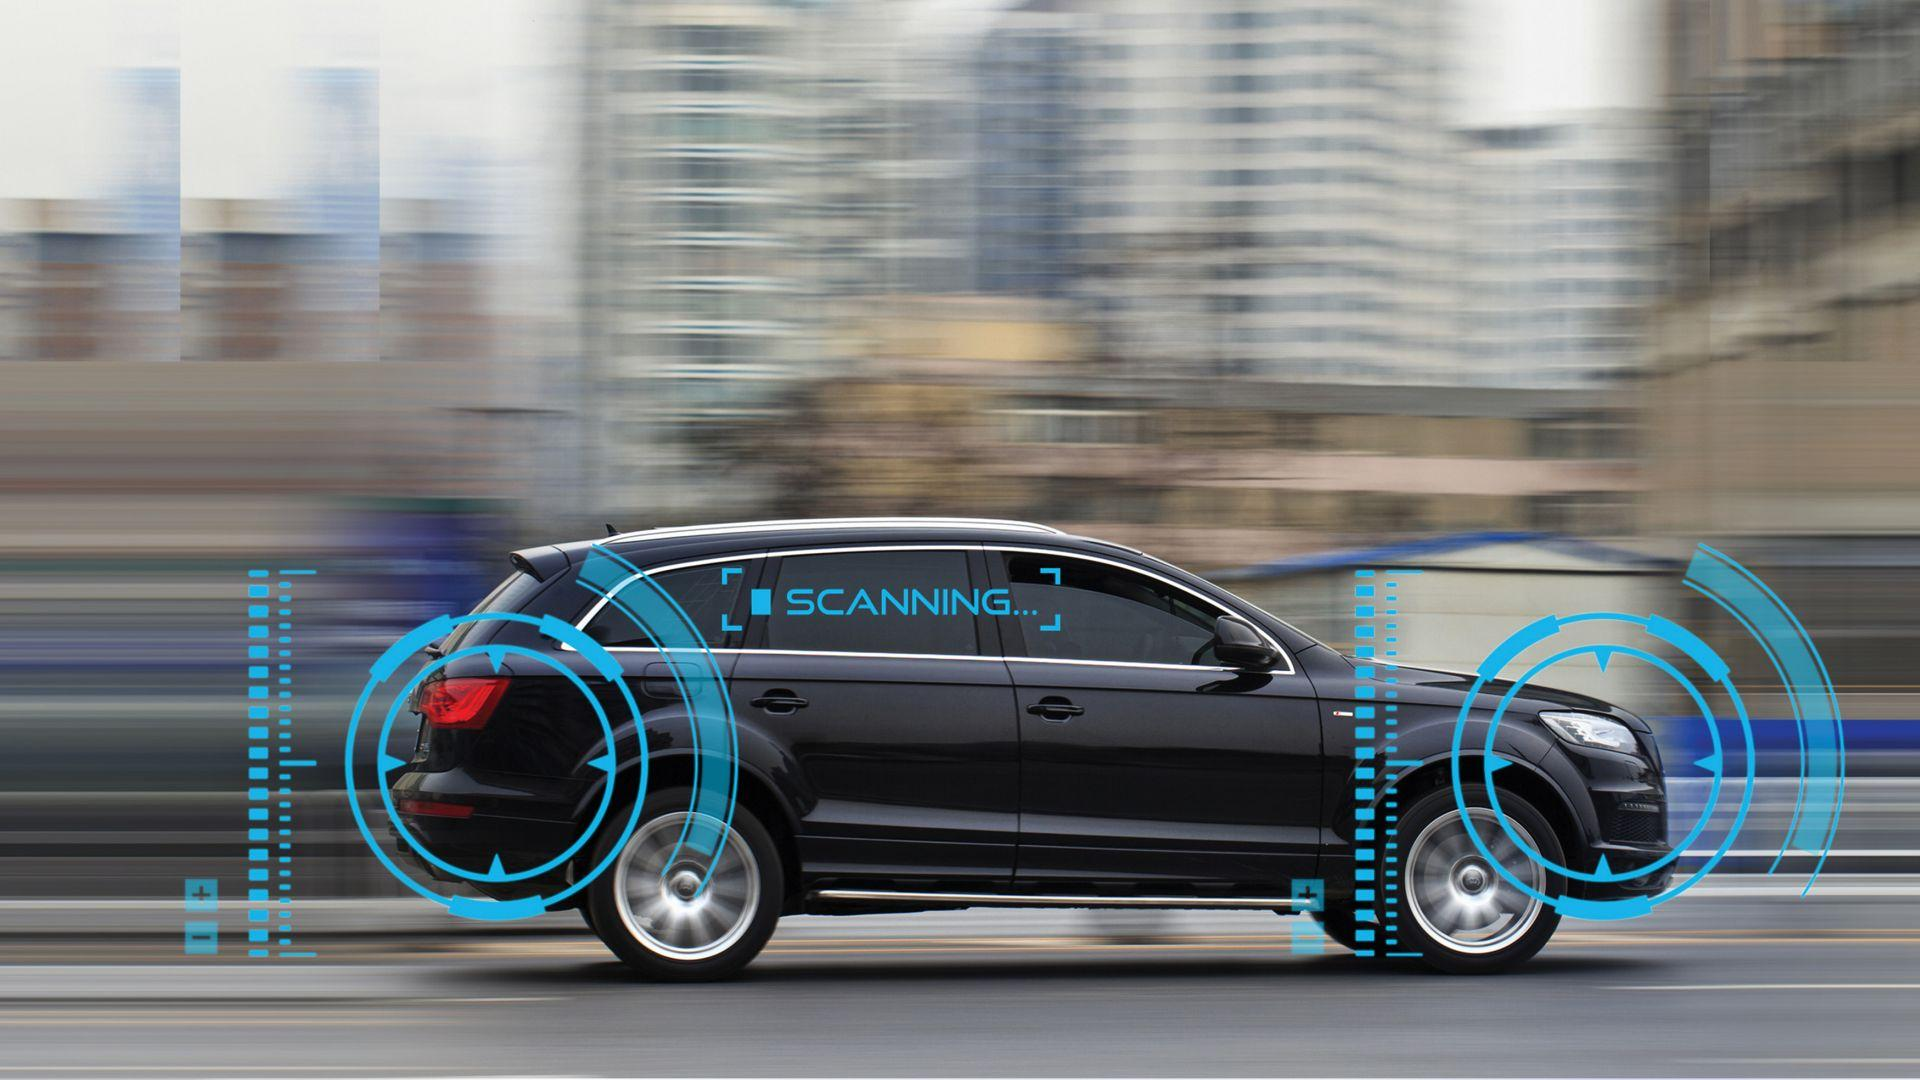 High Tech Podcast #1 - De toekomst van de zelfrijdende auto